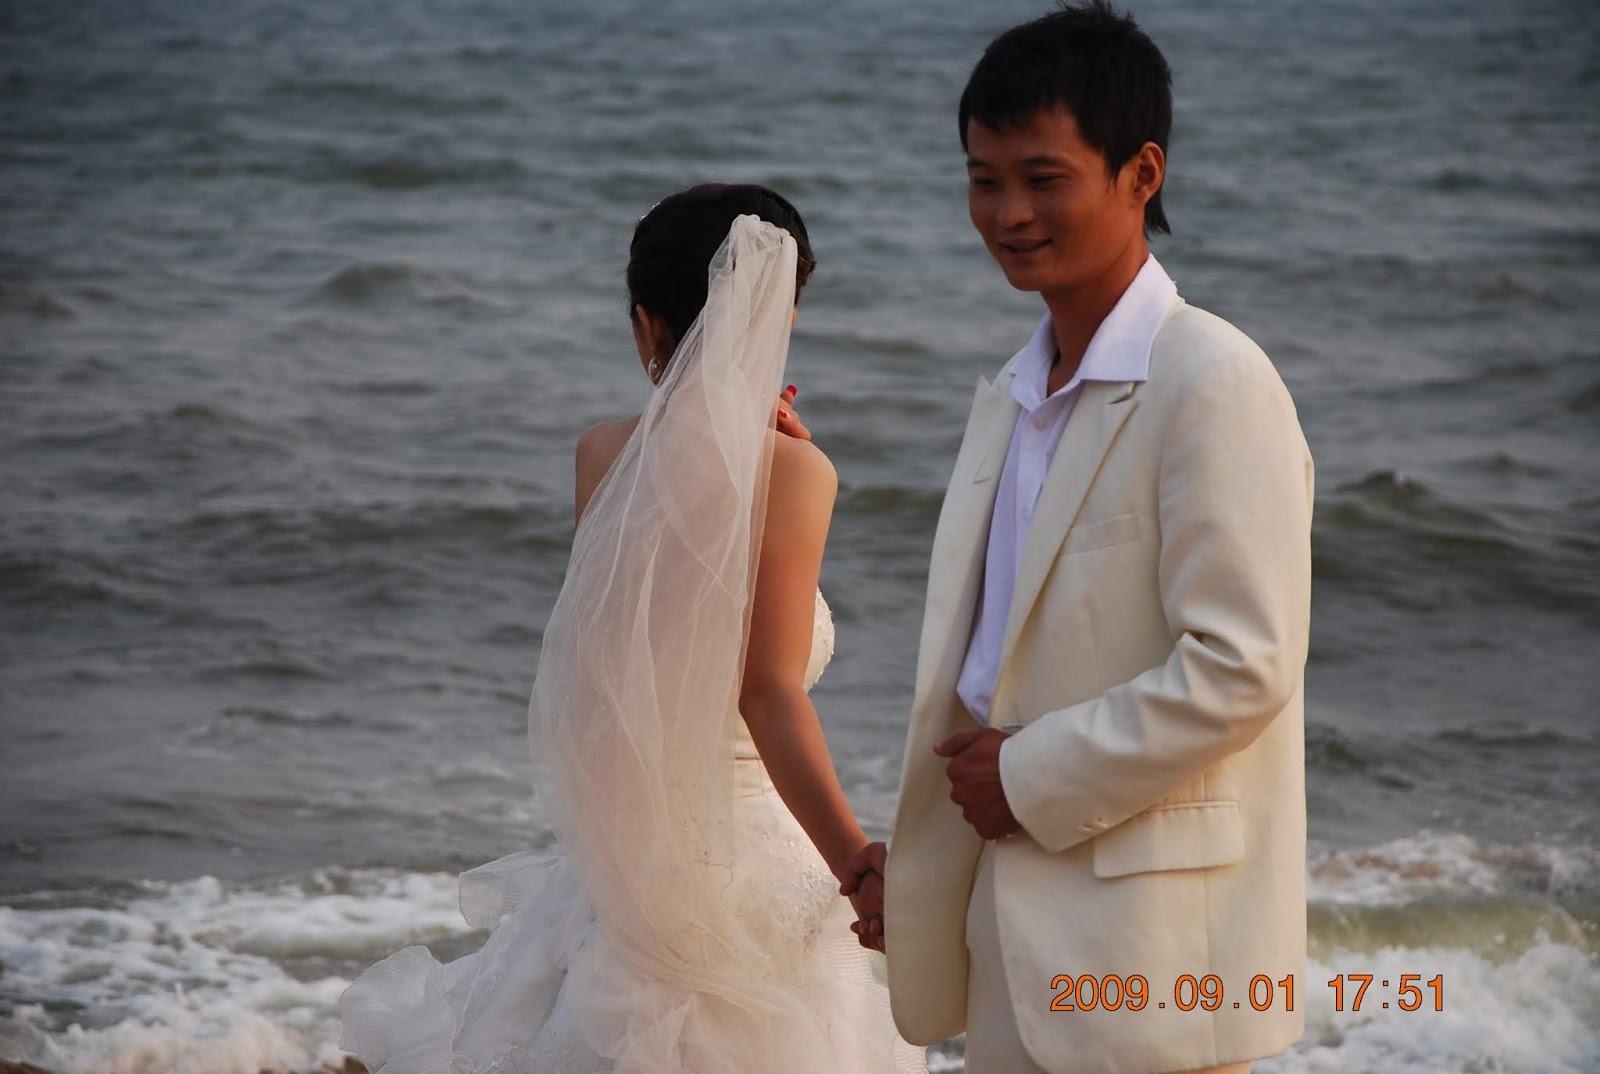 zwei Menschen in weißer Kleidung vor Wasser